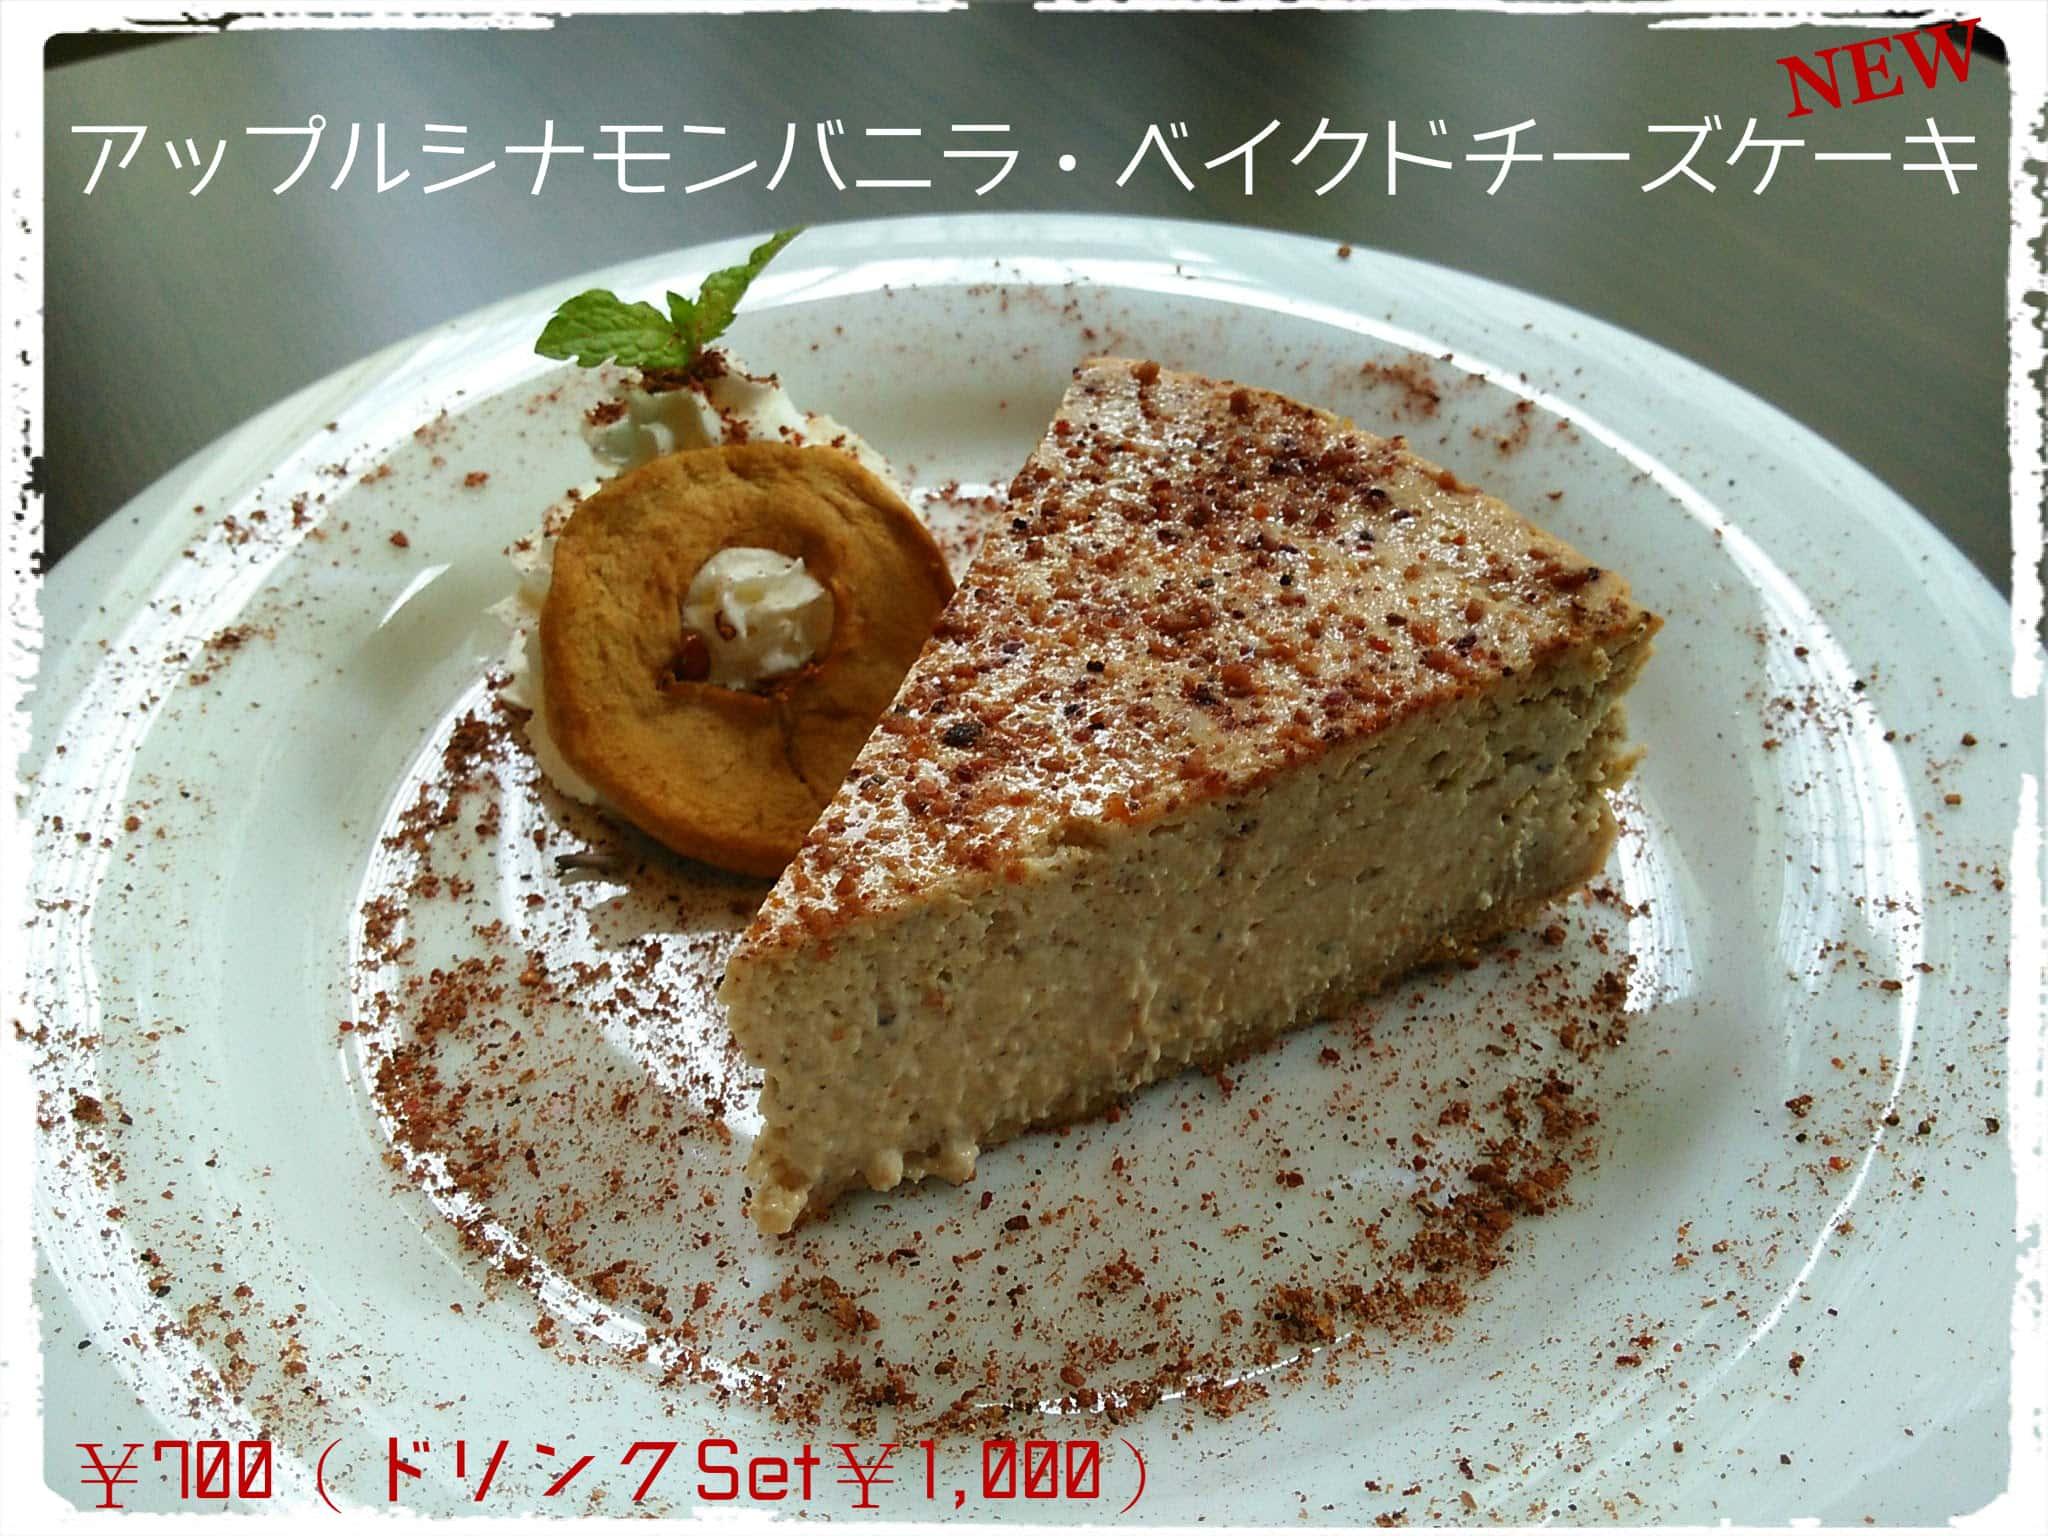 アップルシナモンバニラベイクドチーズケーキ